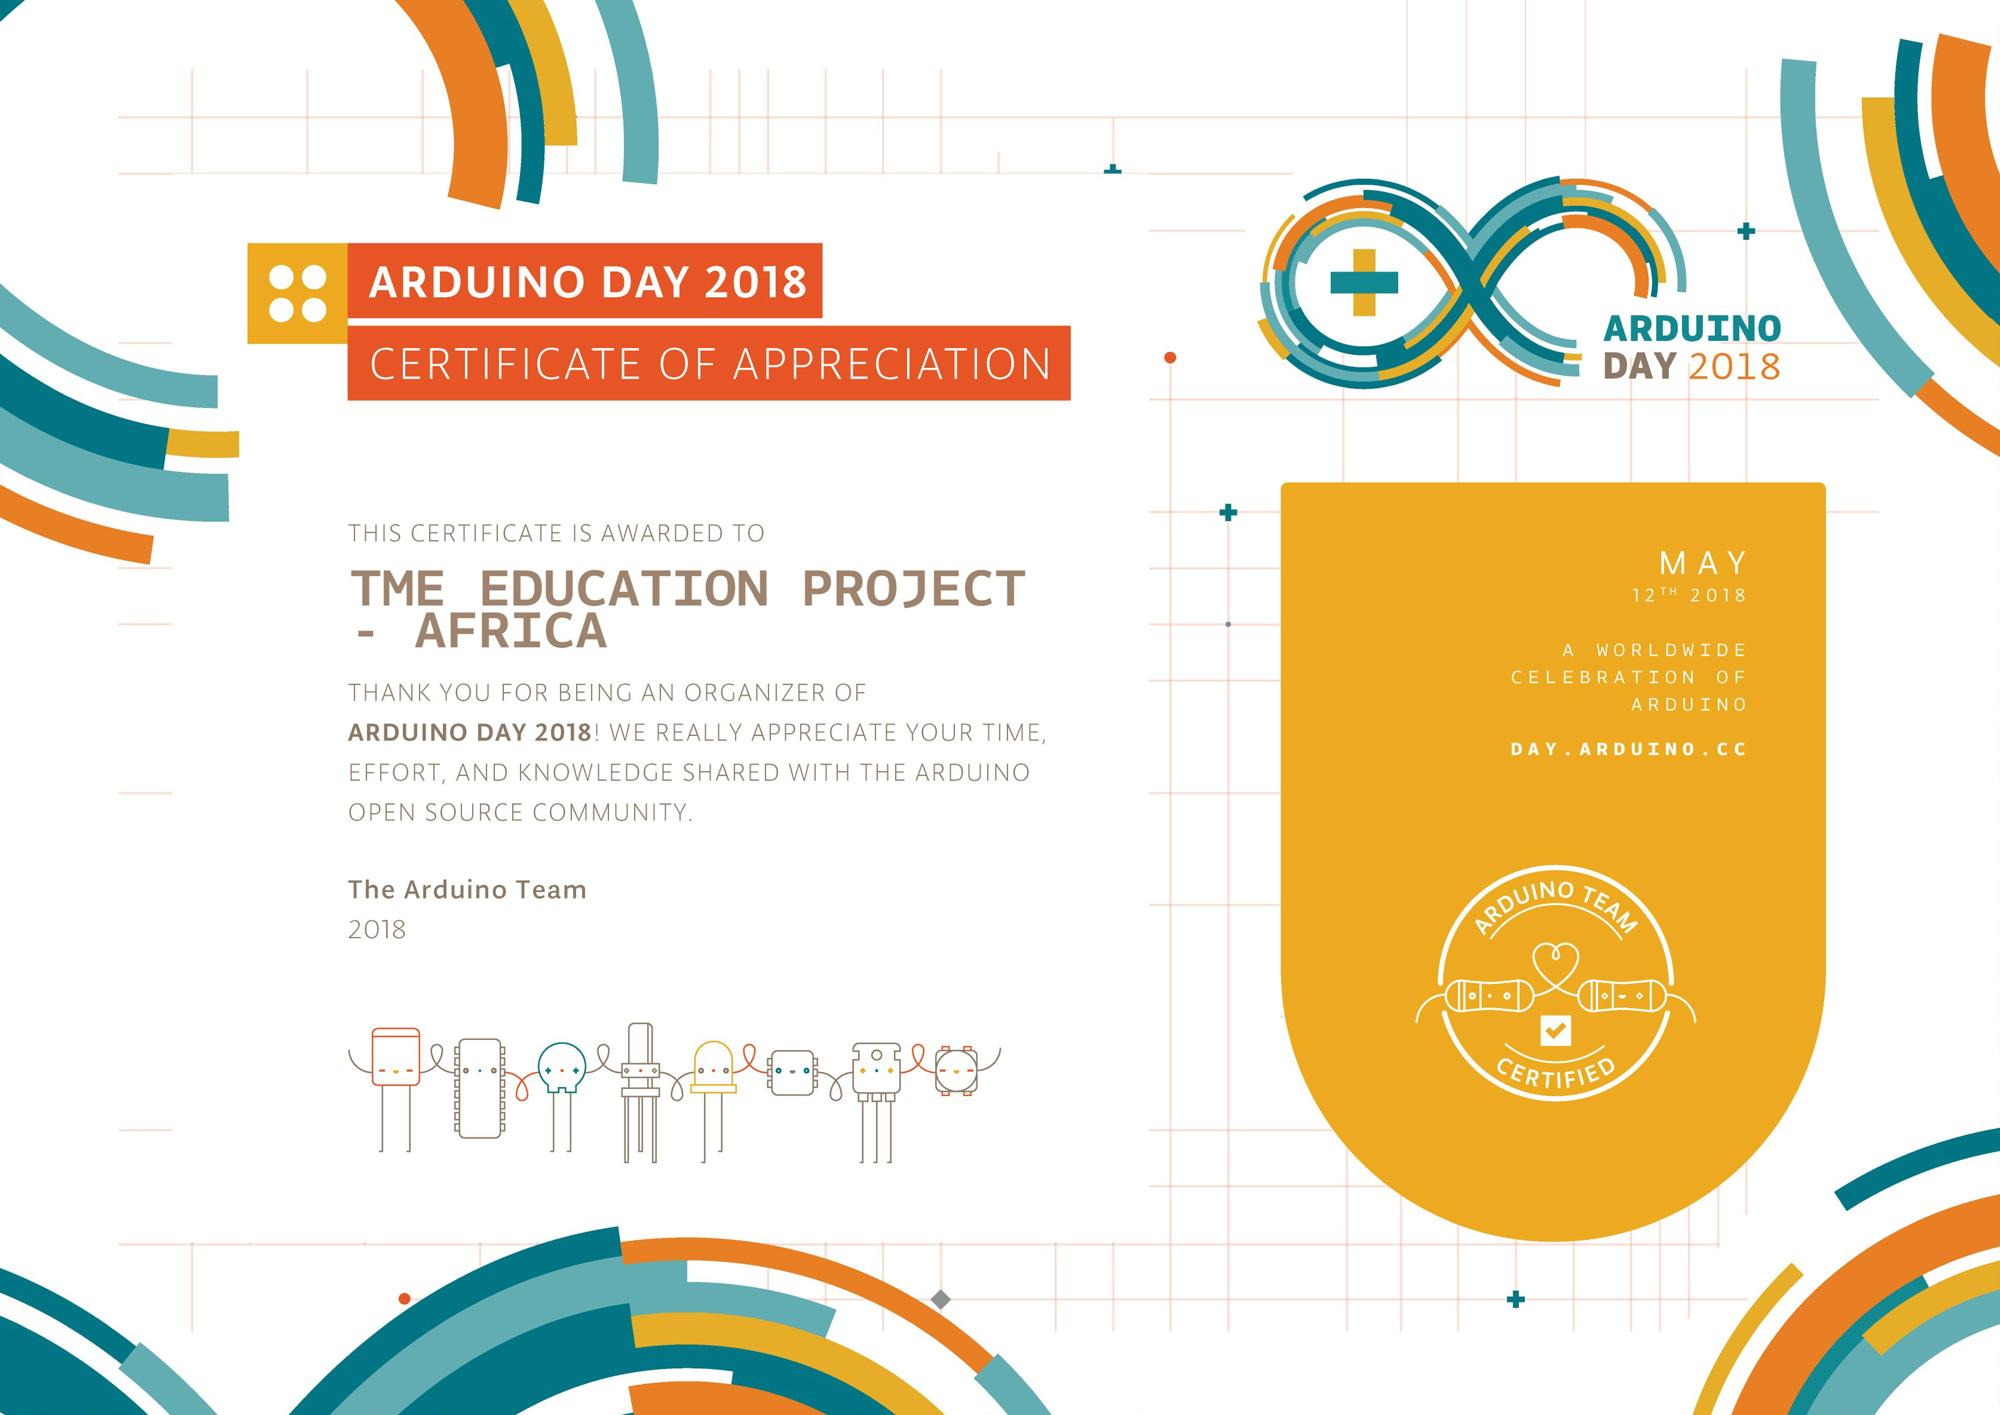 Adruino Day 2018 celebrations in Tanzania!